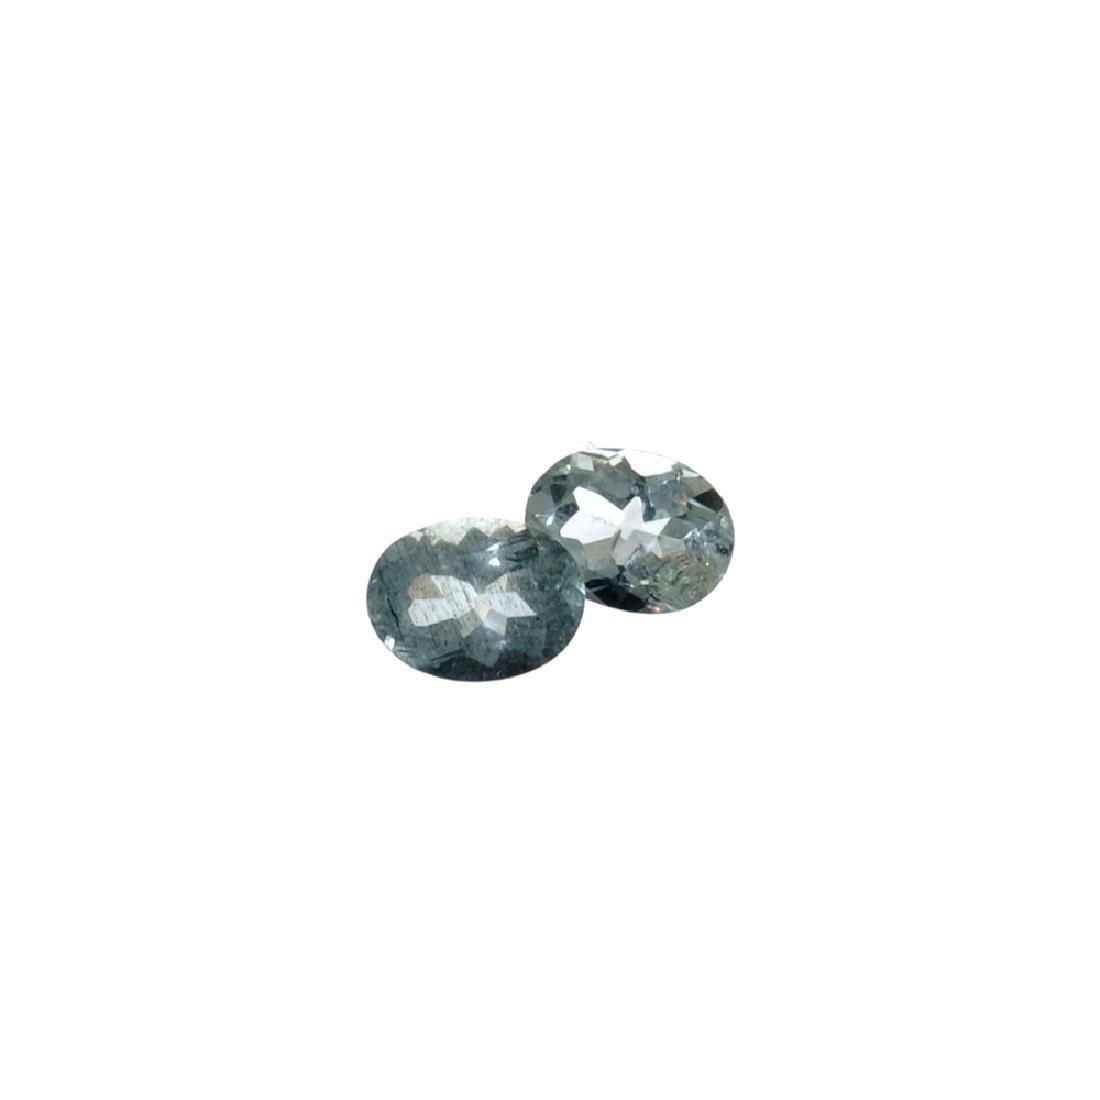 APP: 1.1k 2.73CT Oval Mixed Cut Natural Aquamarine